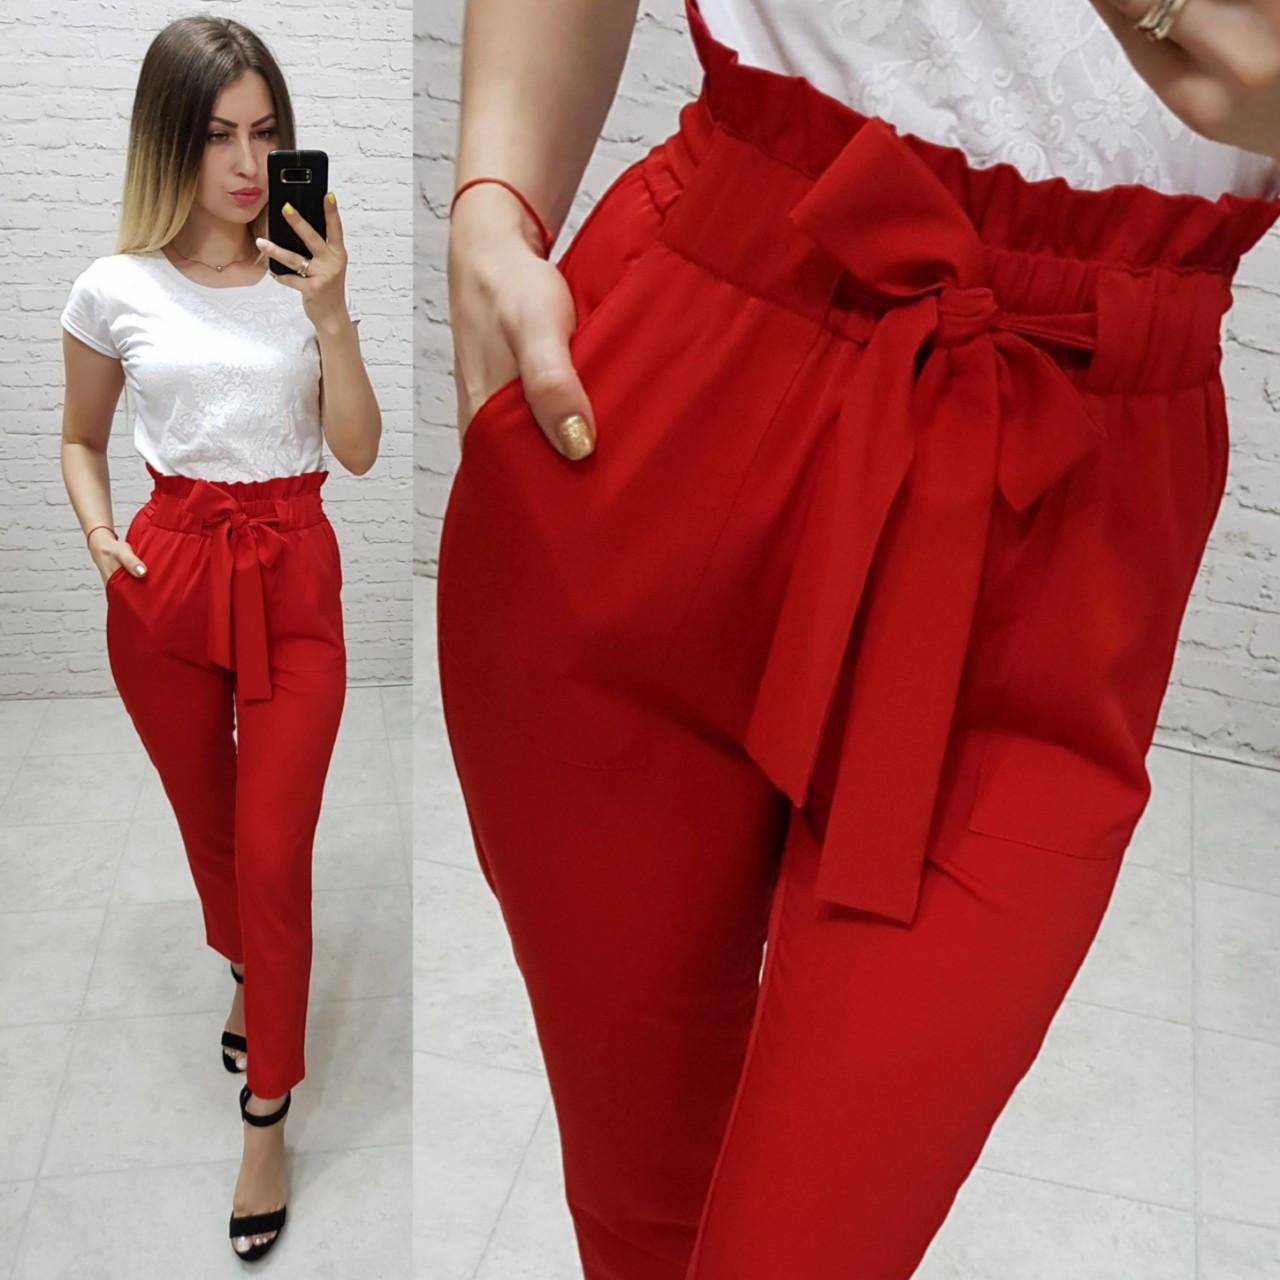 Жіночі брюки з високою посадкою і рюшами на поясі, арт.168, колір червоний